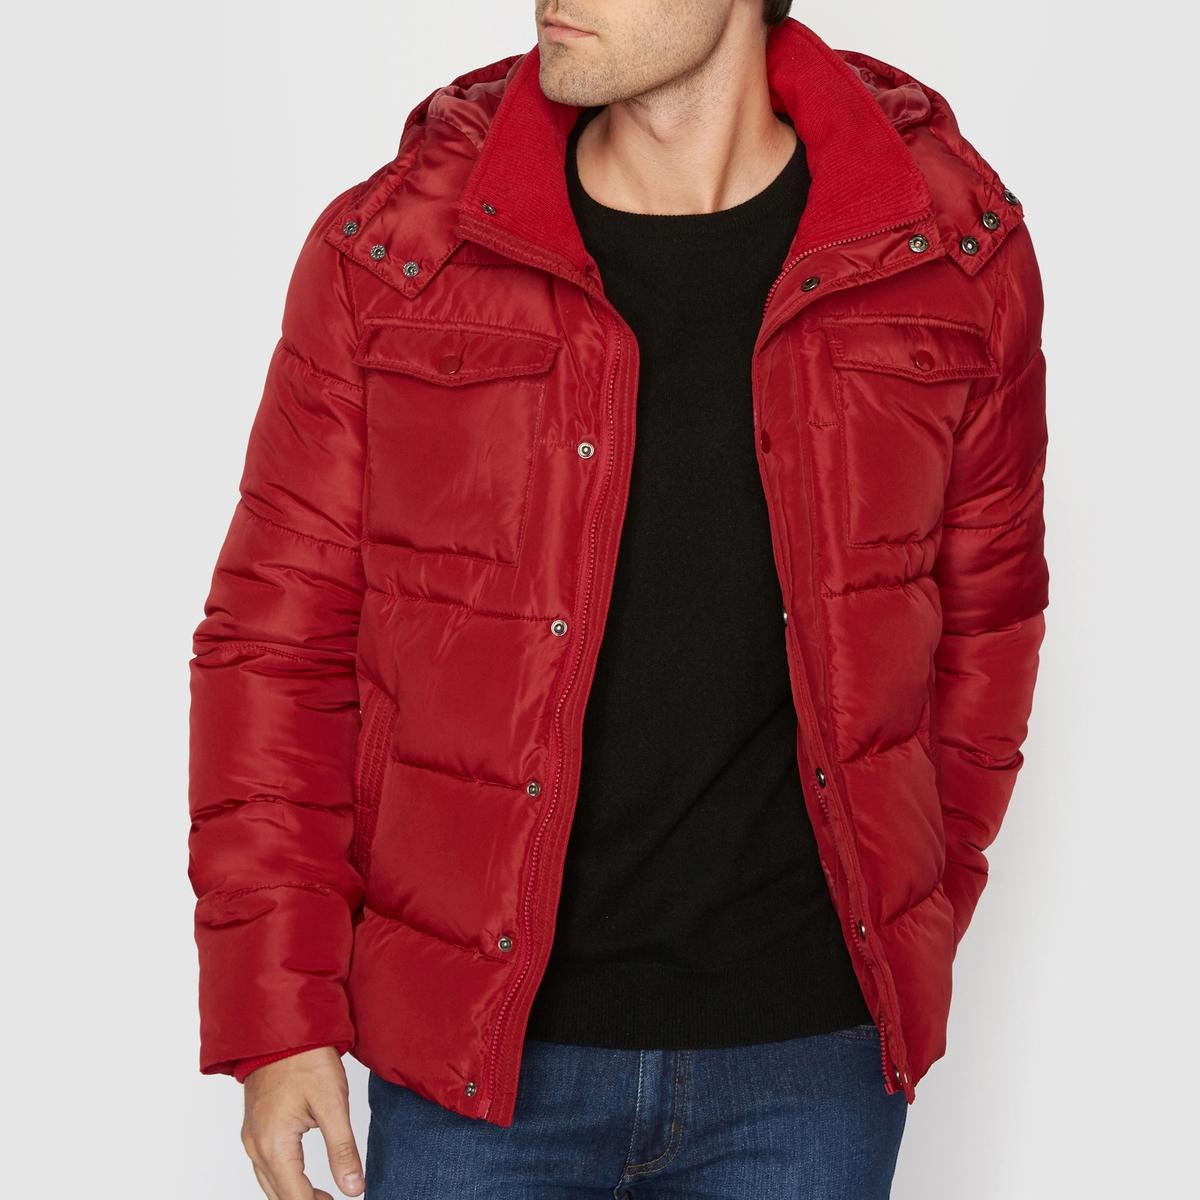 Куртка стеганая миди с капюшономСтеганая куртка миди с капюшоном R edition. Очень теплая и закрытая стеганая куртка: Стеганая куртка с практичными карманами, высоким воротником и капюшоном с клапаном защитит Вас от холода не только надежно, но и стильно!  Материал : 100% полиэстерМарка :      R ?ditionНагрудные, боковые и внутренний карманы.Подкладка из 100% полиэстера..Застежка на молнию.<br><br>Цвет: бордовый,темно-синий